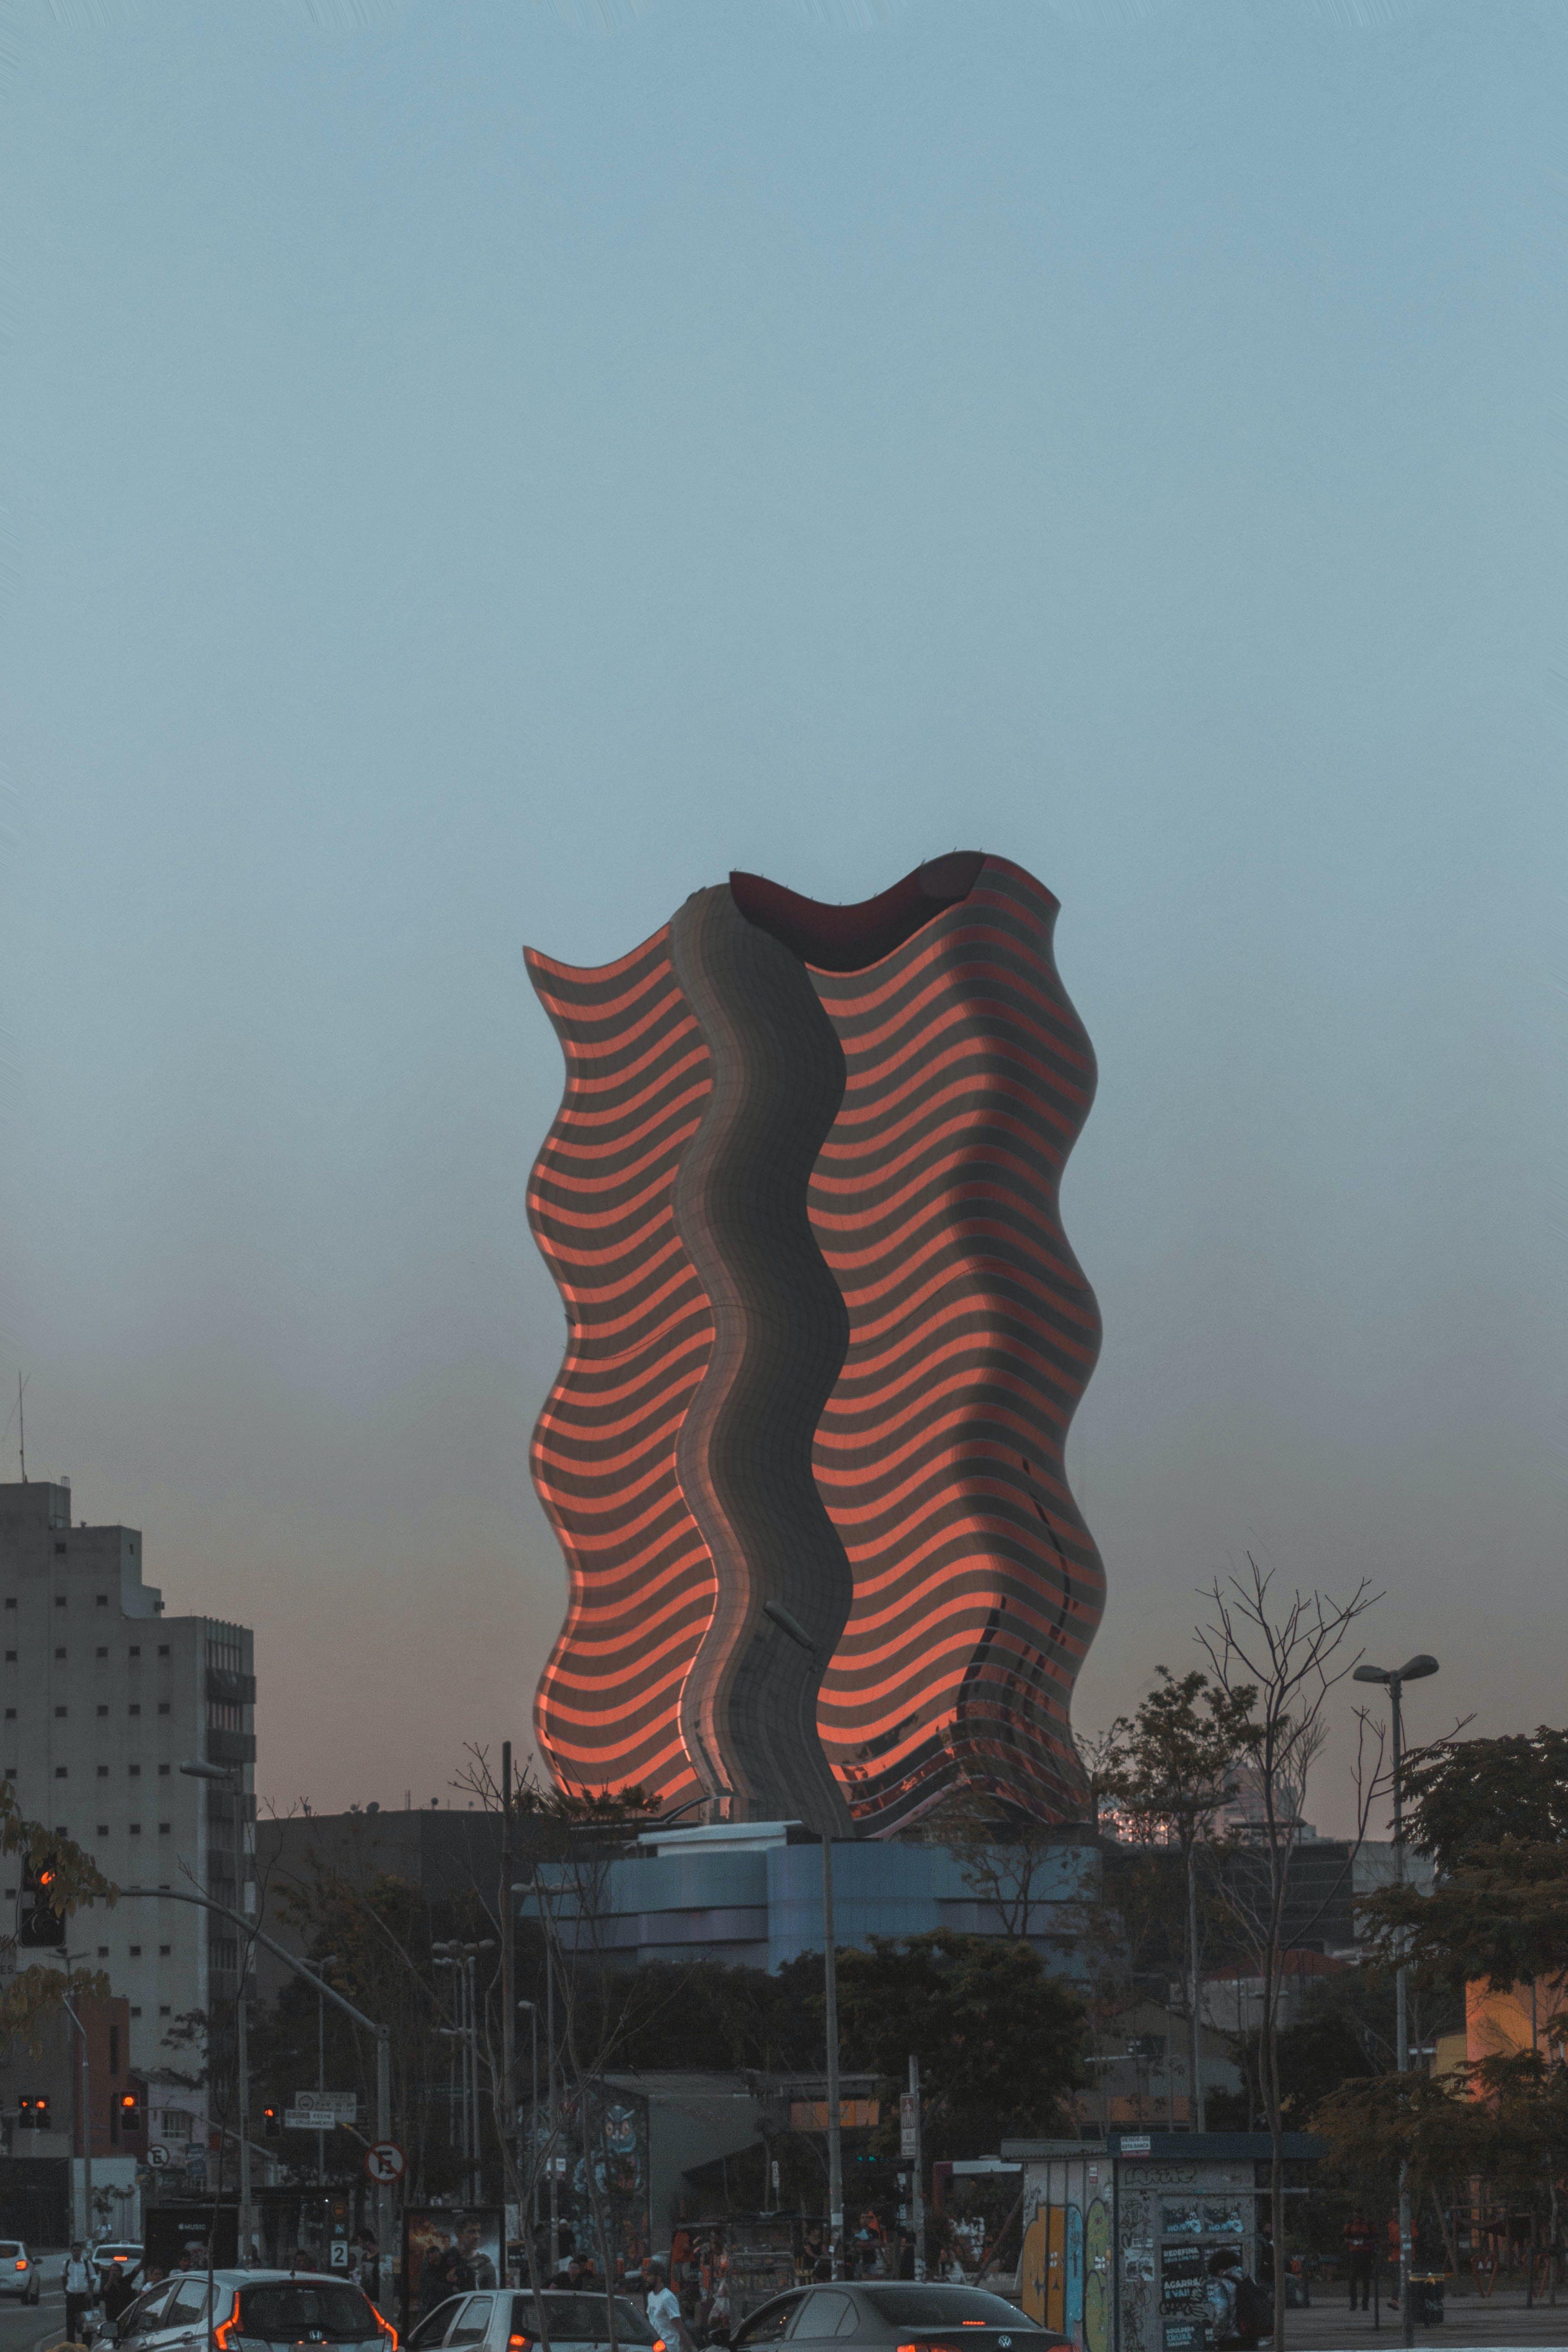 サンパウロ, シュルレアリスム, ブラジルの無料の写真素材